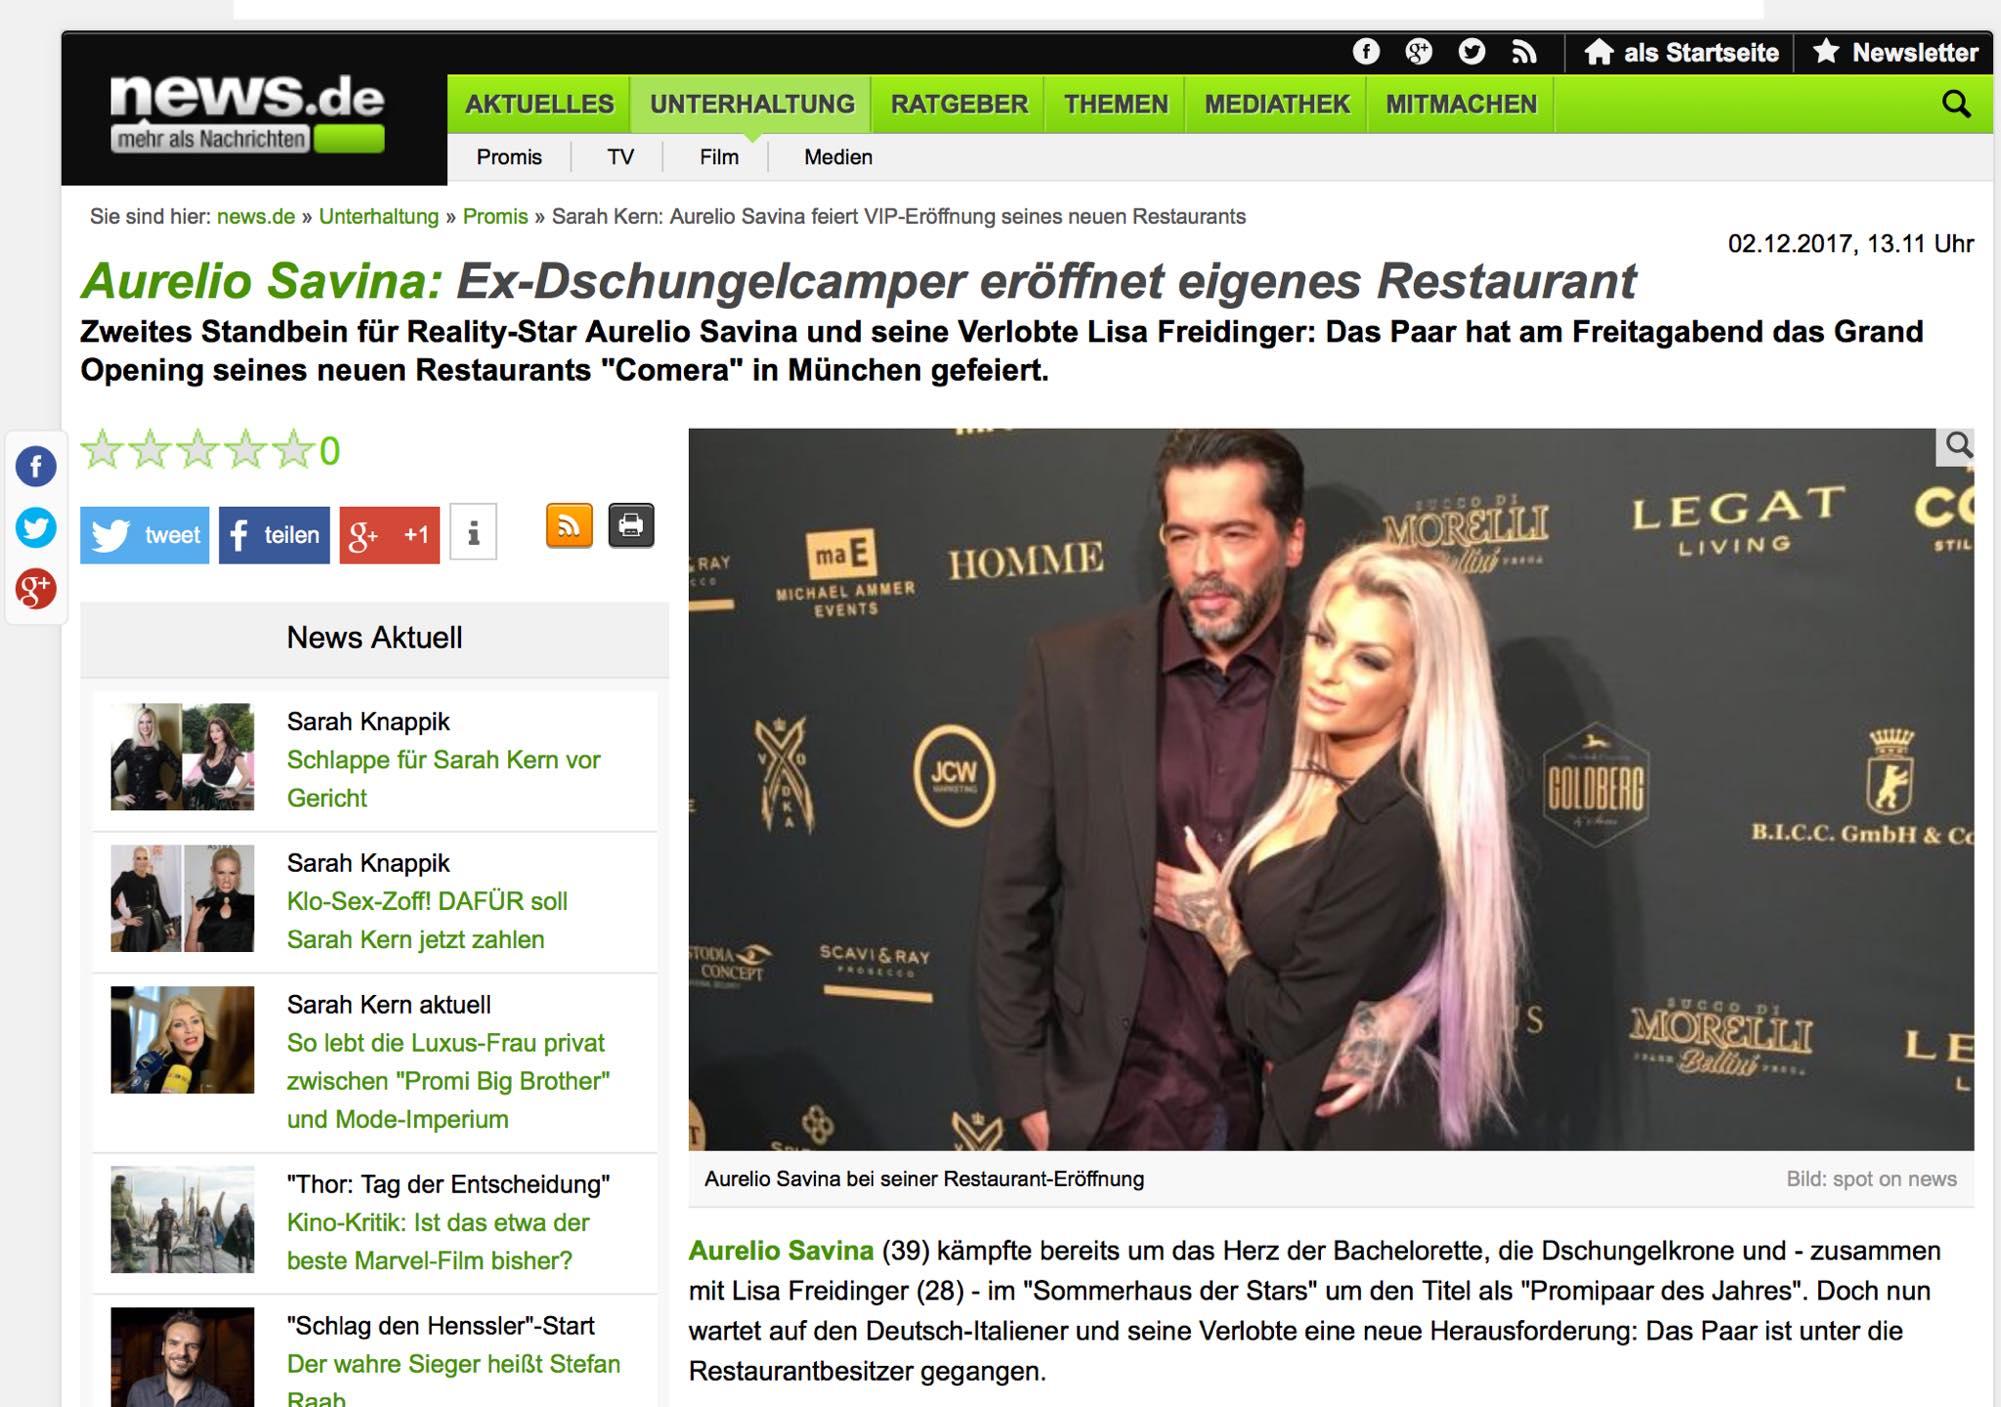 PRESSE MÜNCHEN - NEWS.de